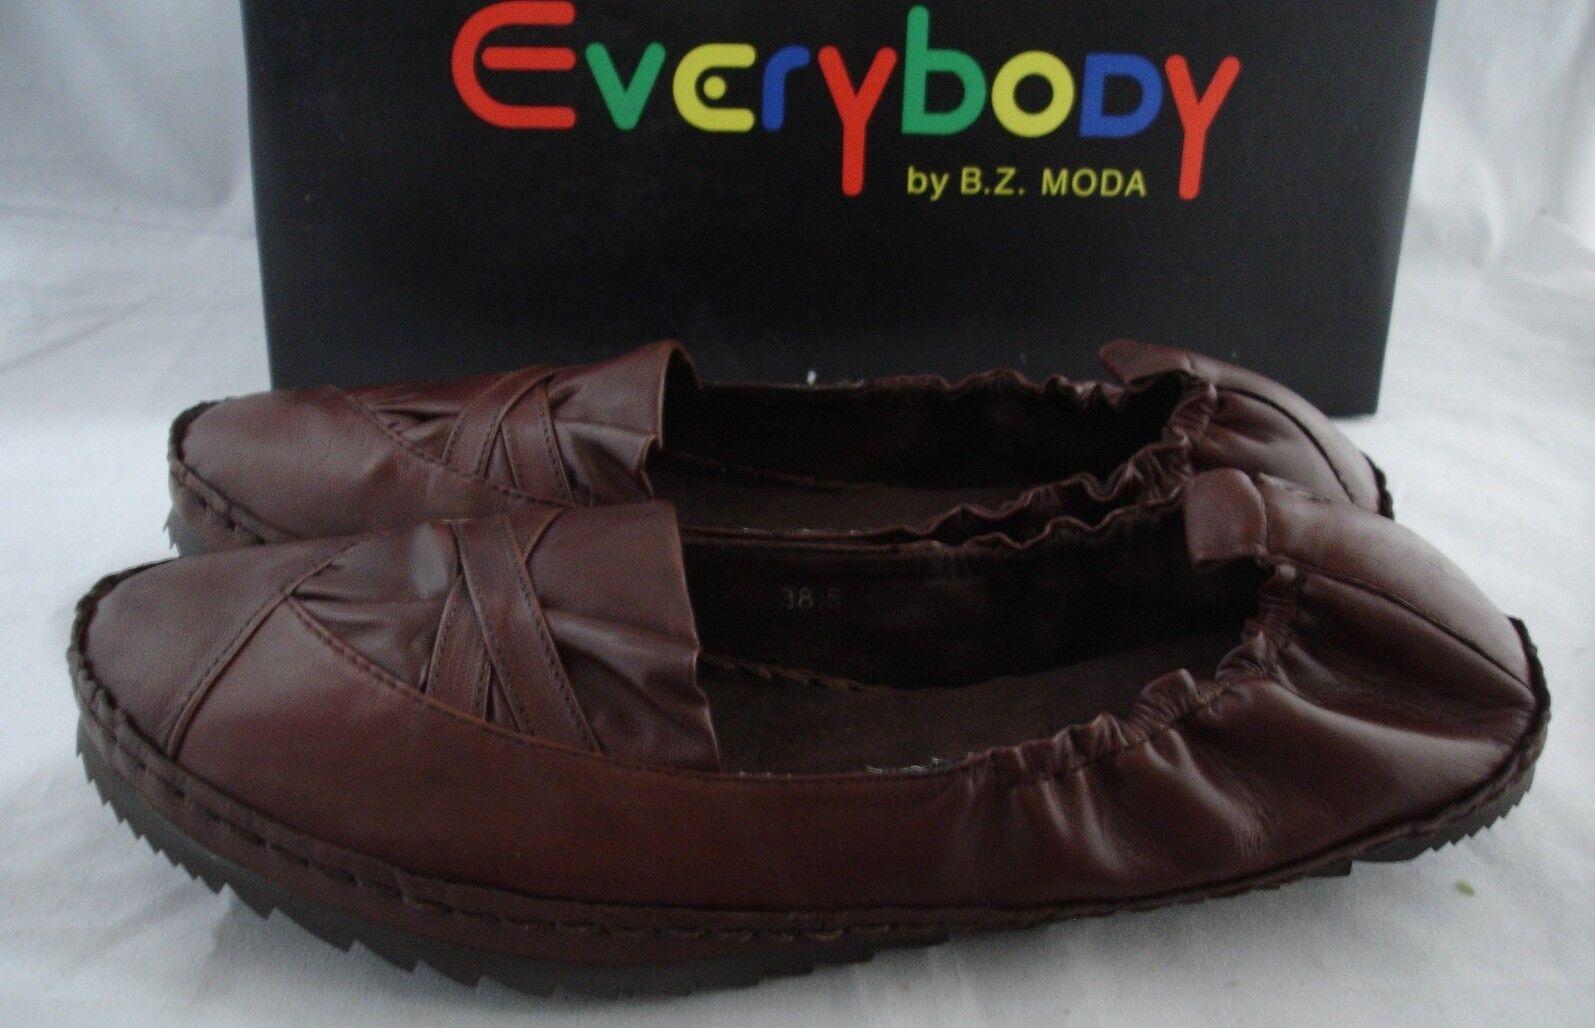 EVERYBODY BY B.Z. MODA  Bralto  marron Leather Flats femmes Sz 38.5 US 7.5  129